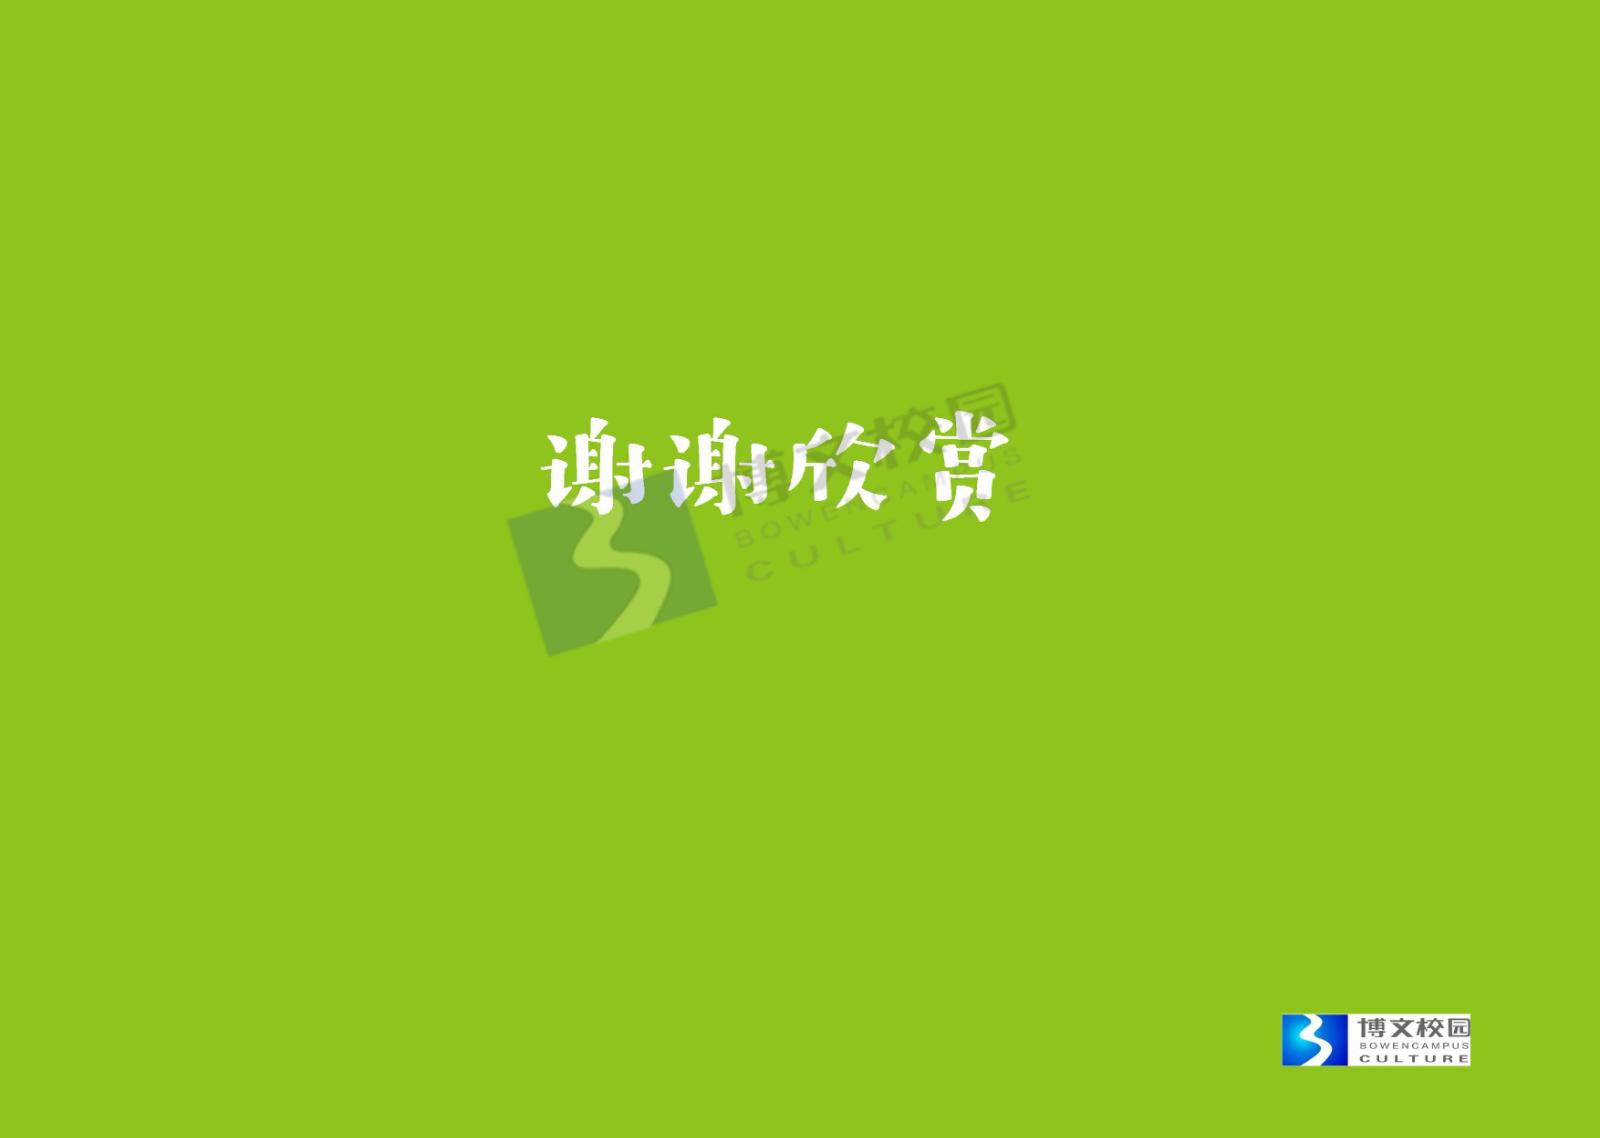 上海路小学